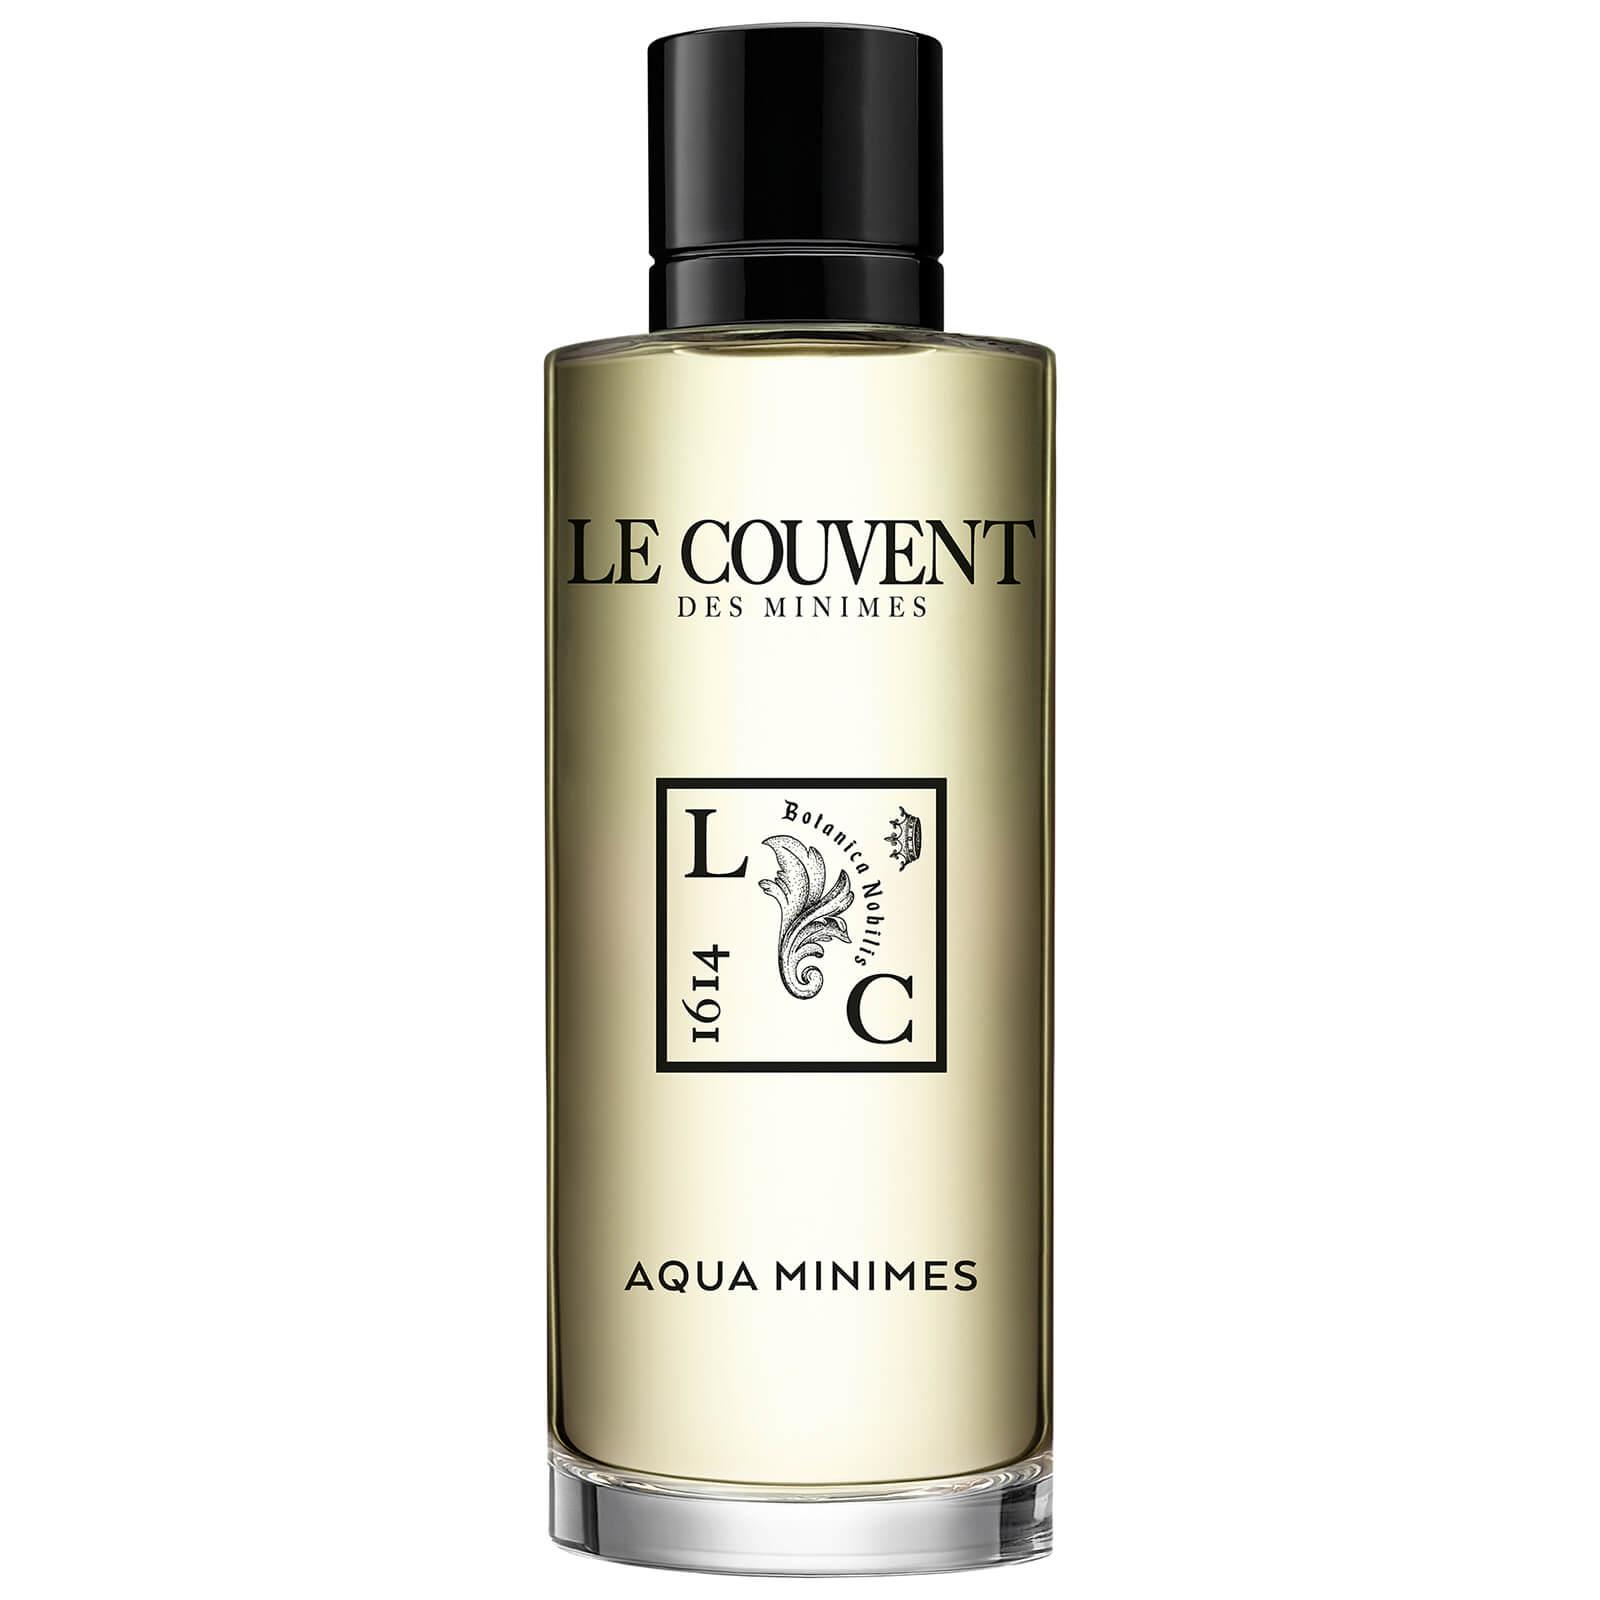 Le Couvent des Minimes Colognes Botaniques Aqua Minimes (Various Sizes) - 200ml